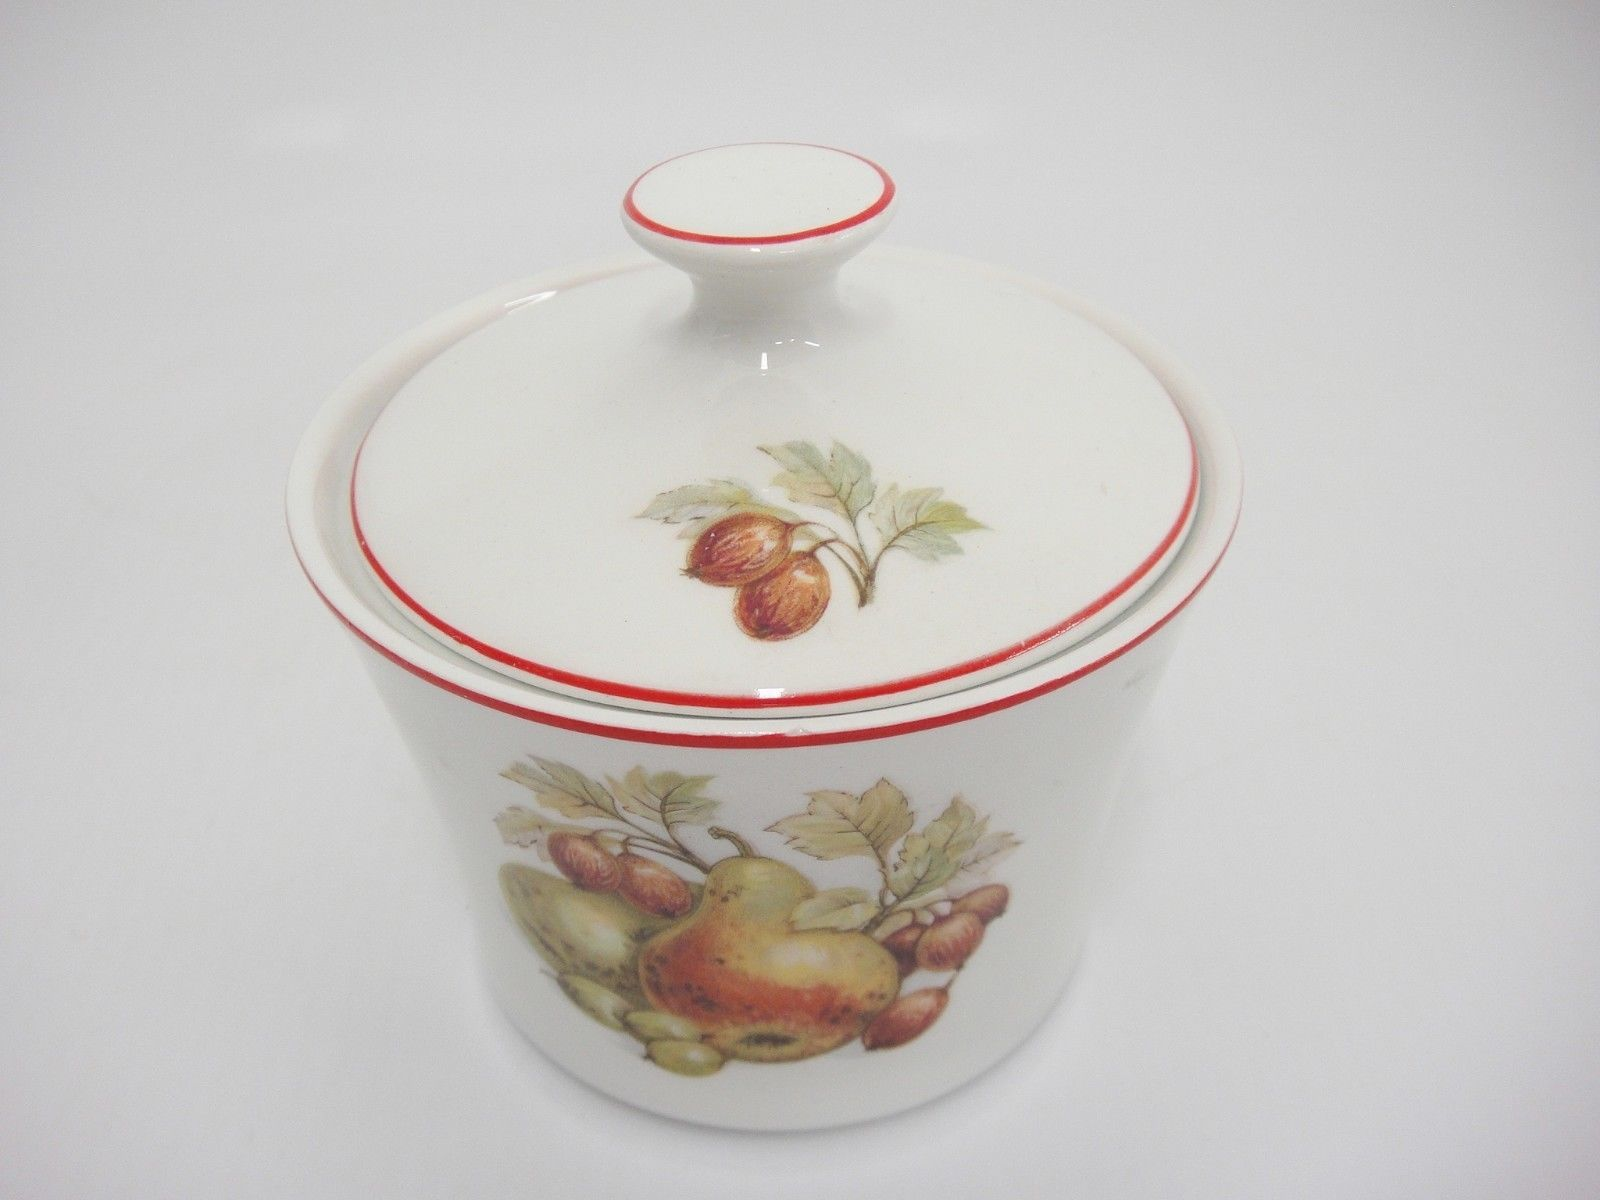 Pontesa Spain Four Cup Coffee Set Pot Sugar and Creamer Fruit Design Red Trim image 9